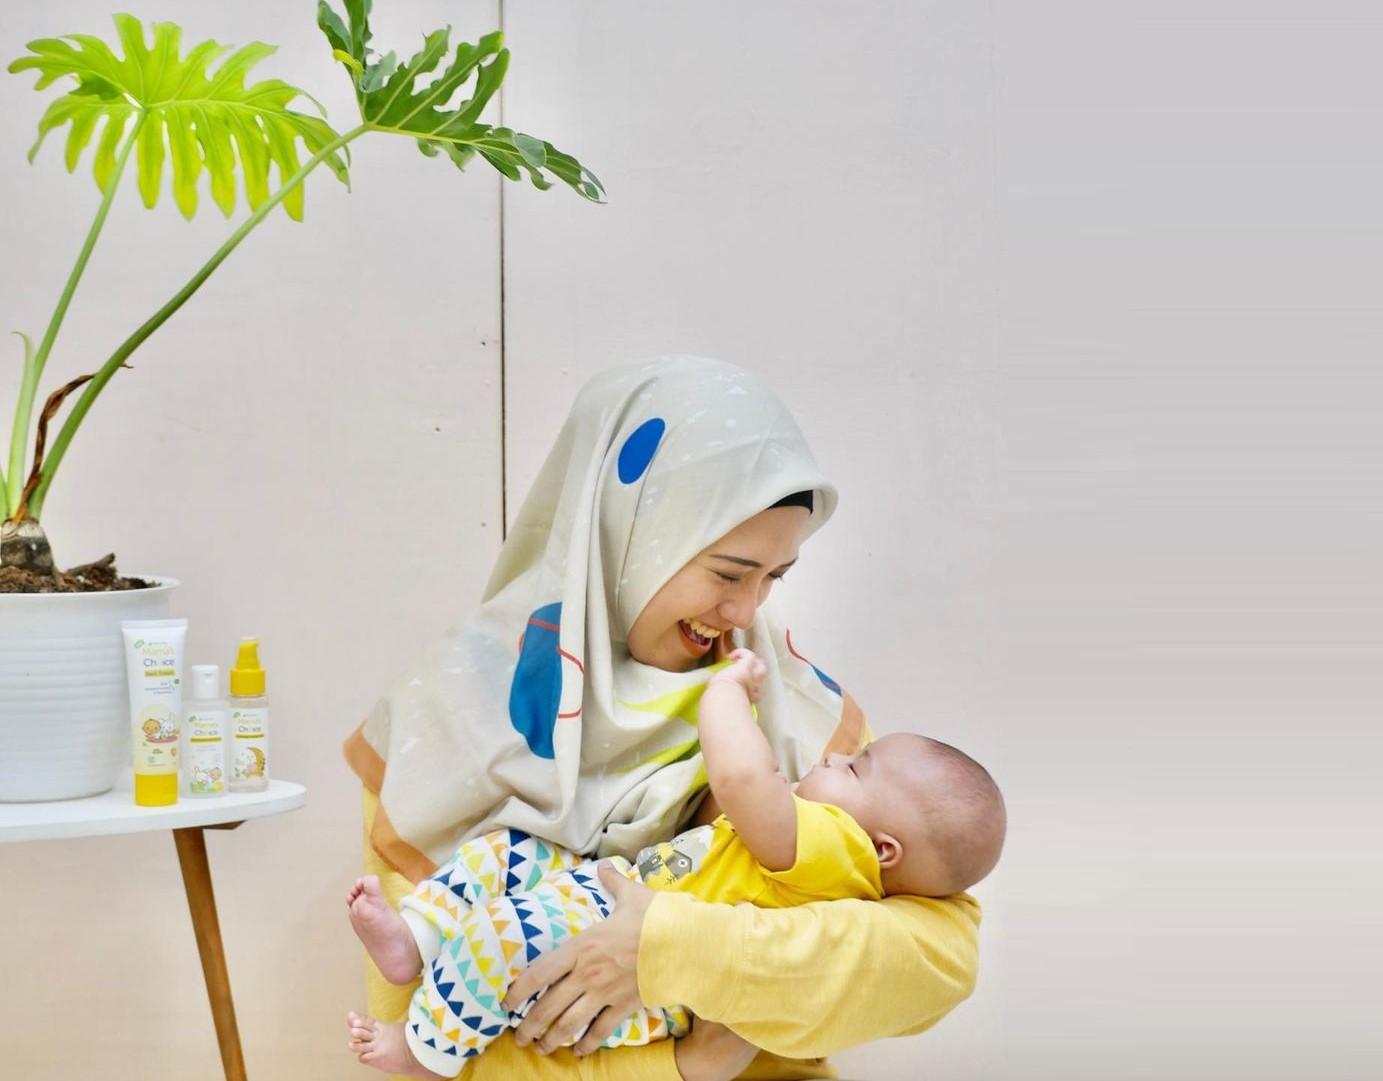 Kami mendukung perjalanan setiap ibu, seperti Mama @adithyaputri